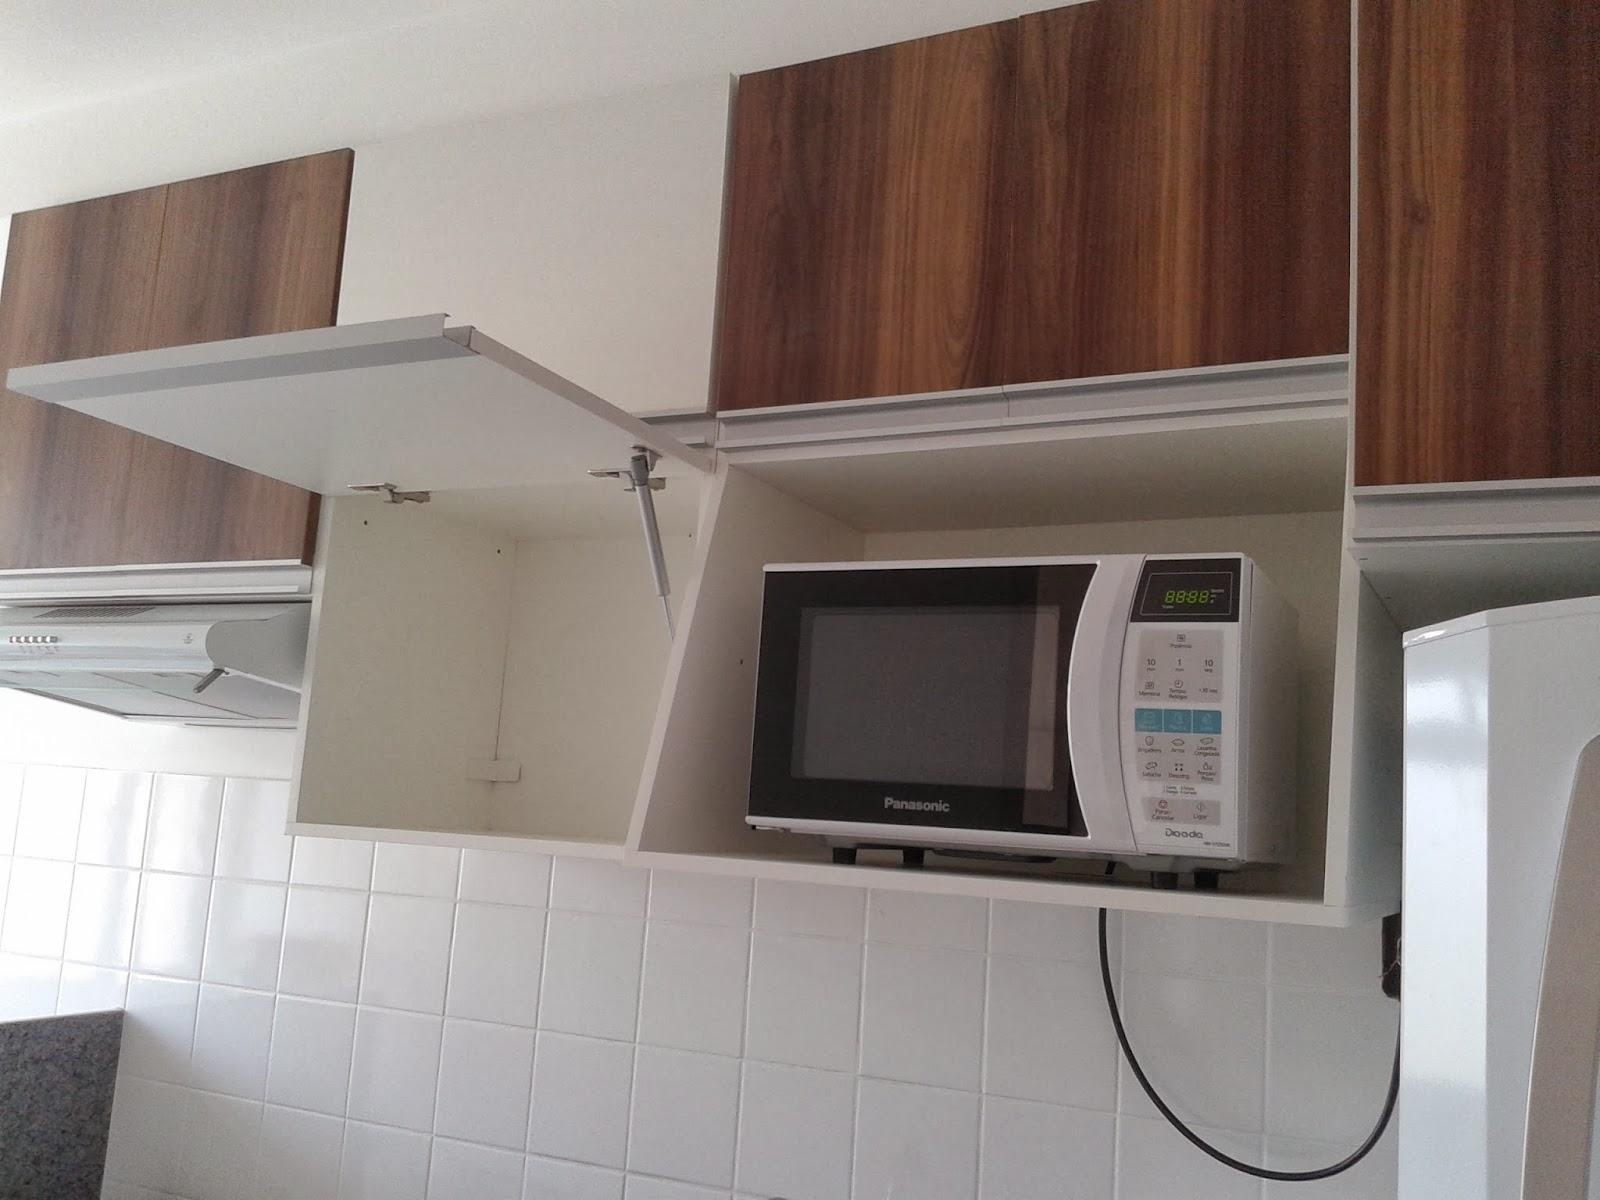 wdplanejados: Mais um Projeto de Cozinha para Apartamento Completo  #604133 1600 1200